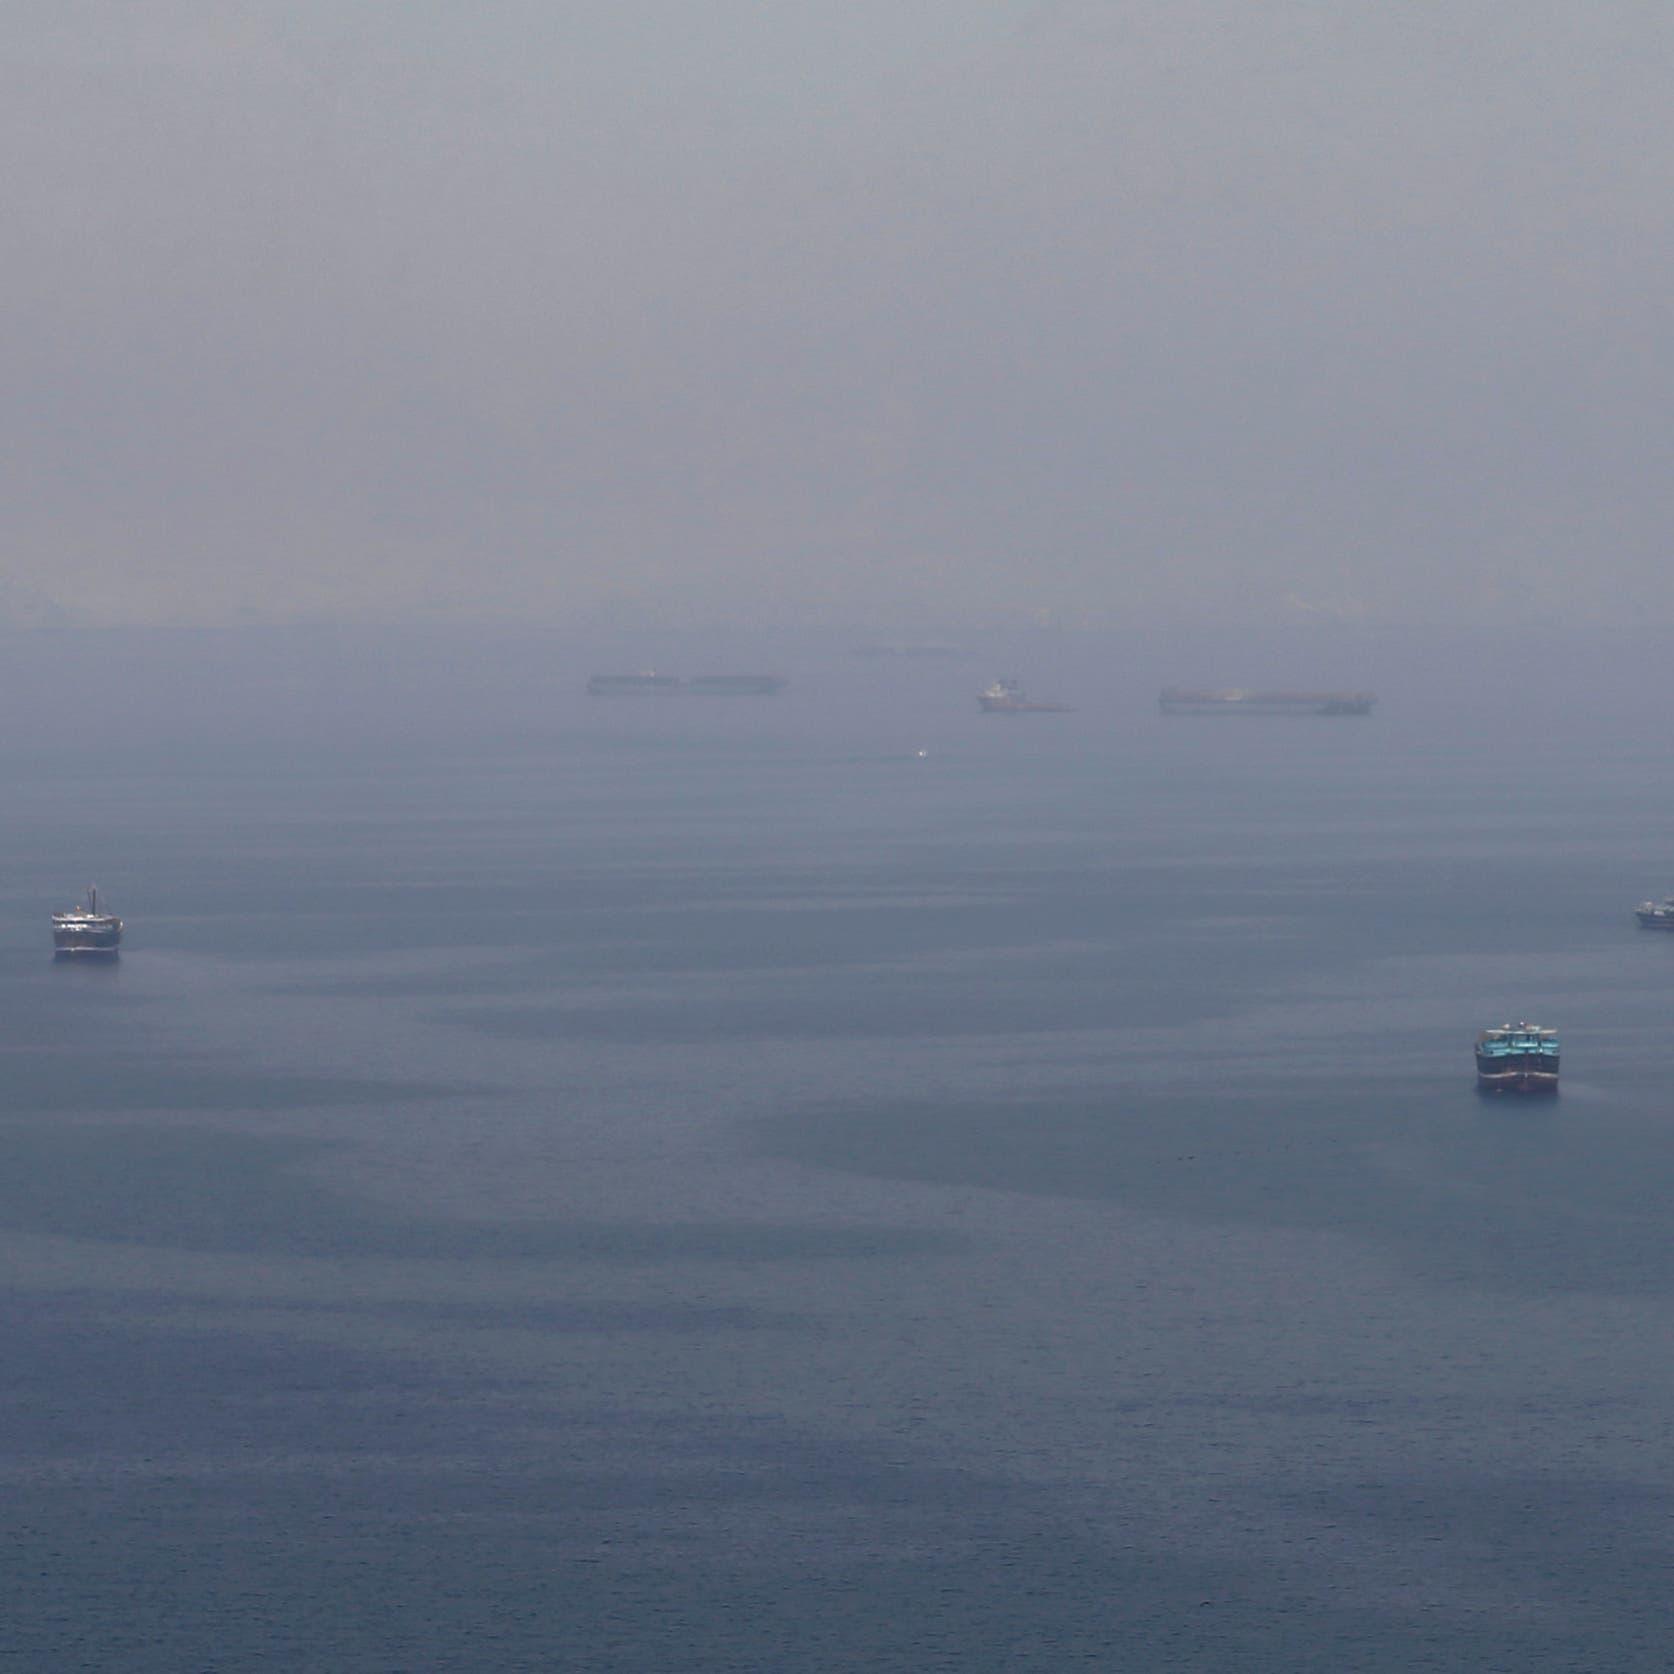 لندن تكلف البحرية بمرافقة السفن البريطانية عبر مضيق هرمز